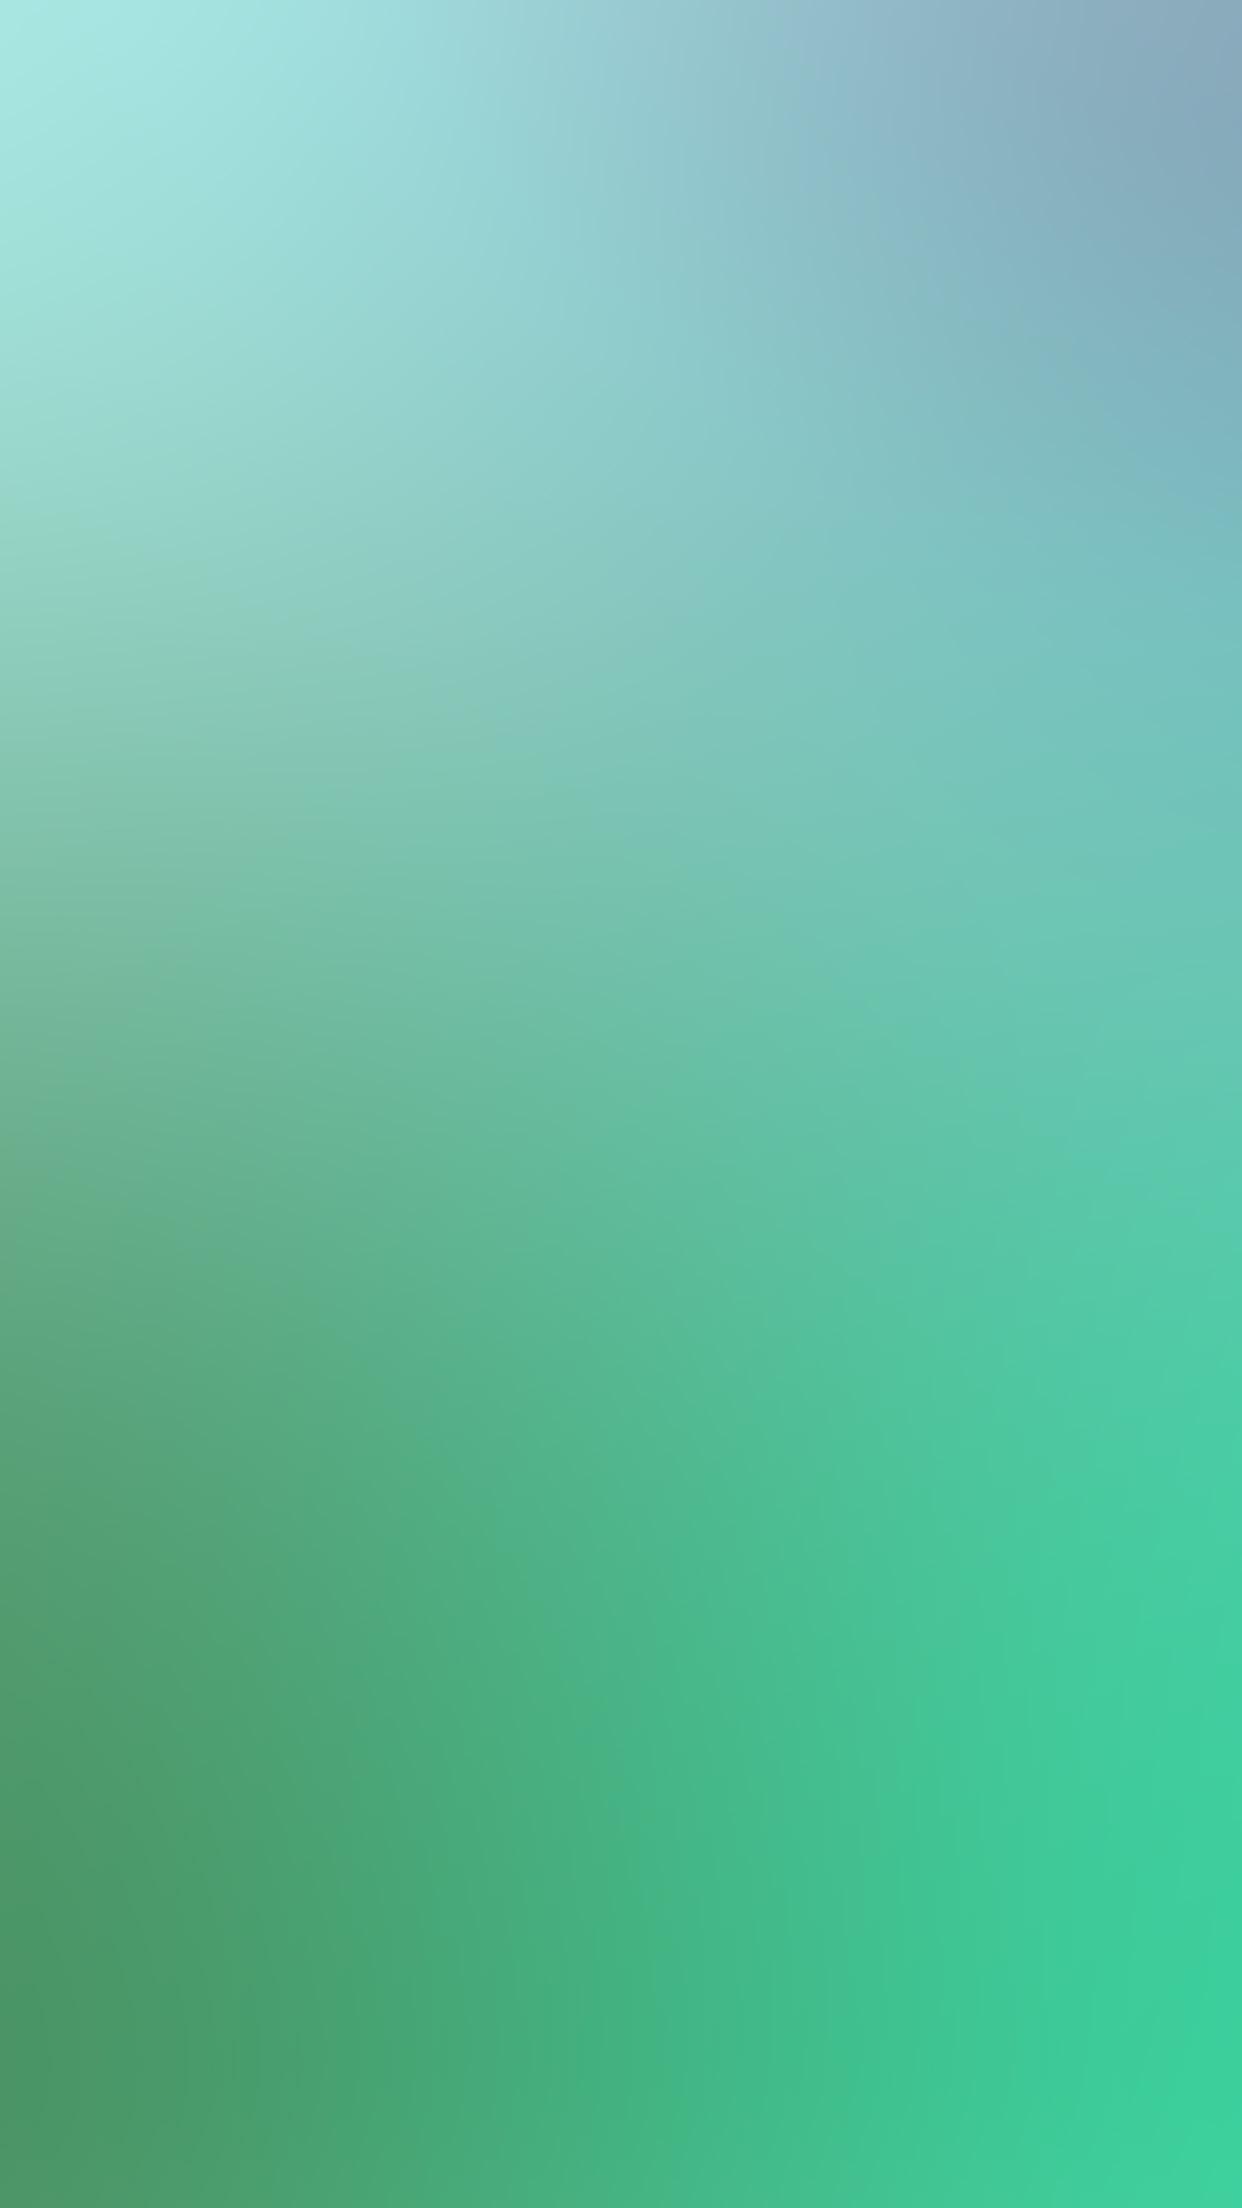 Sk03 Blue Green Soft Blur Gradation